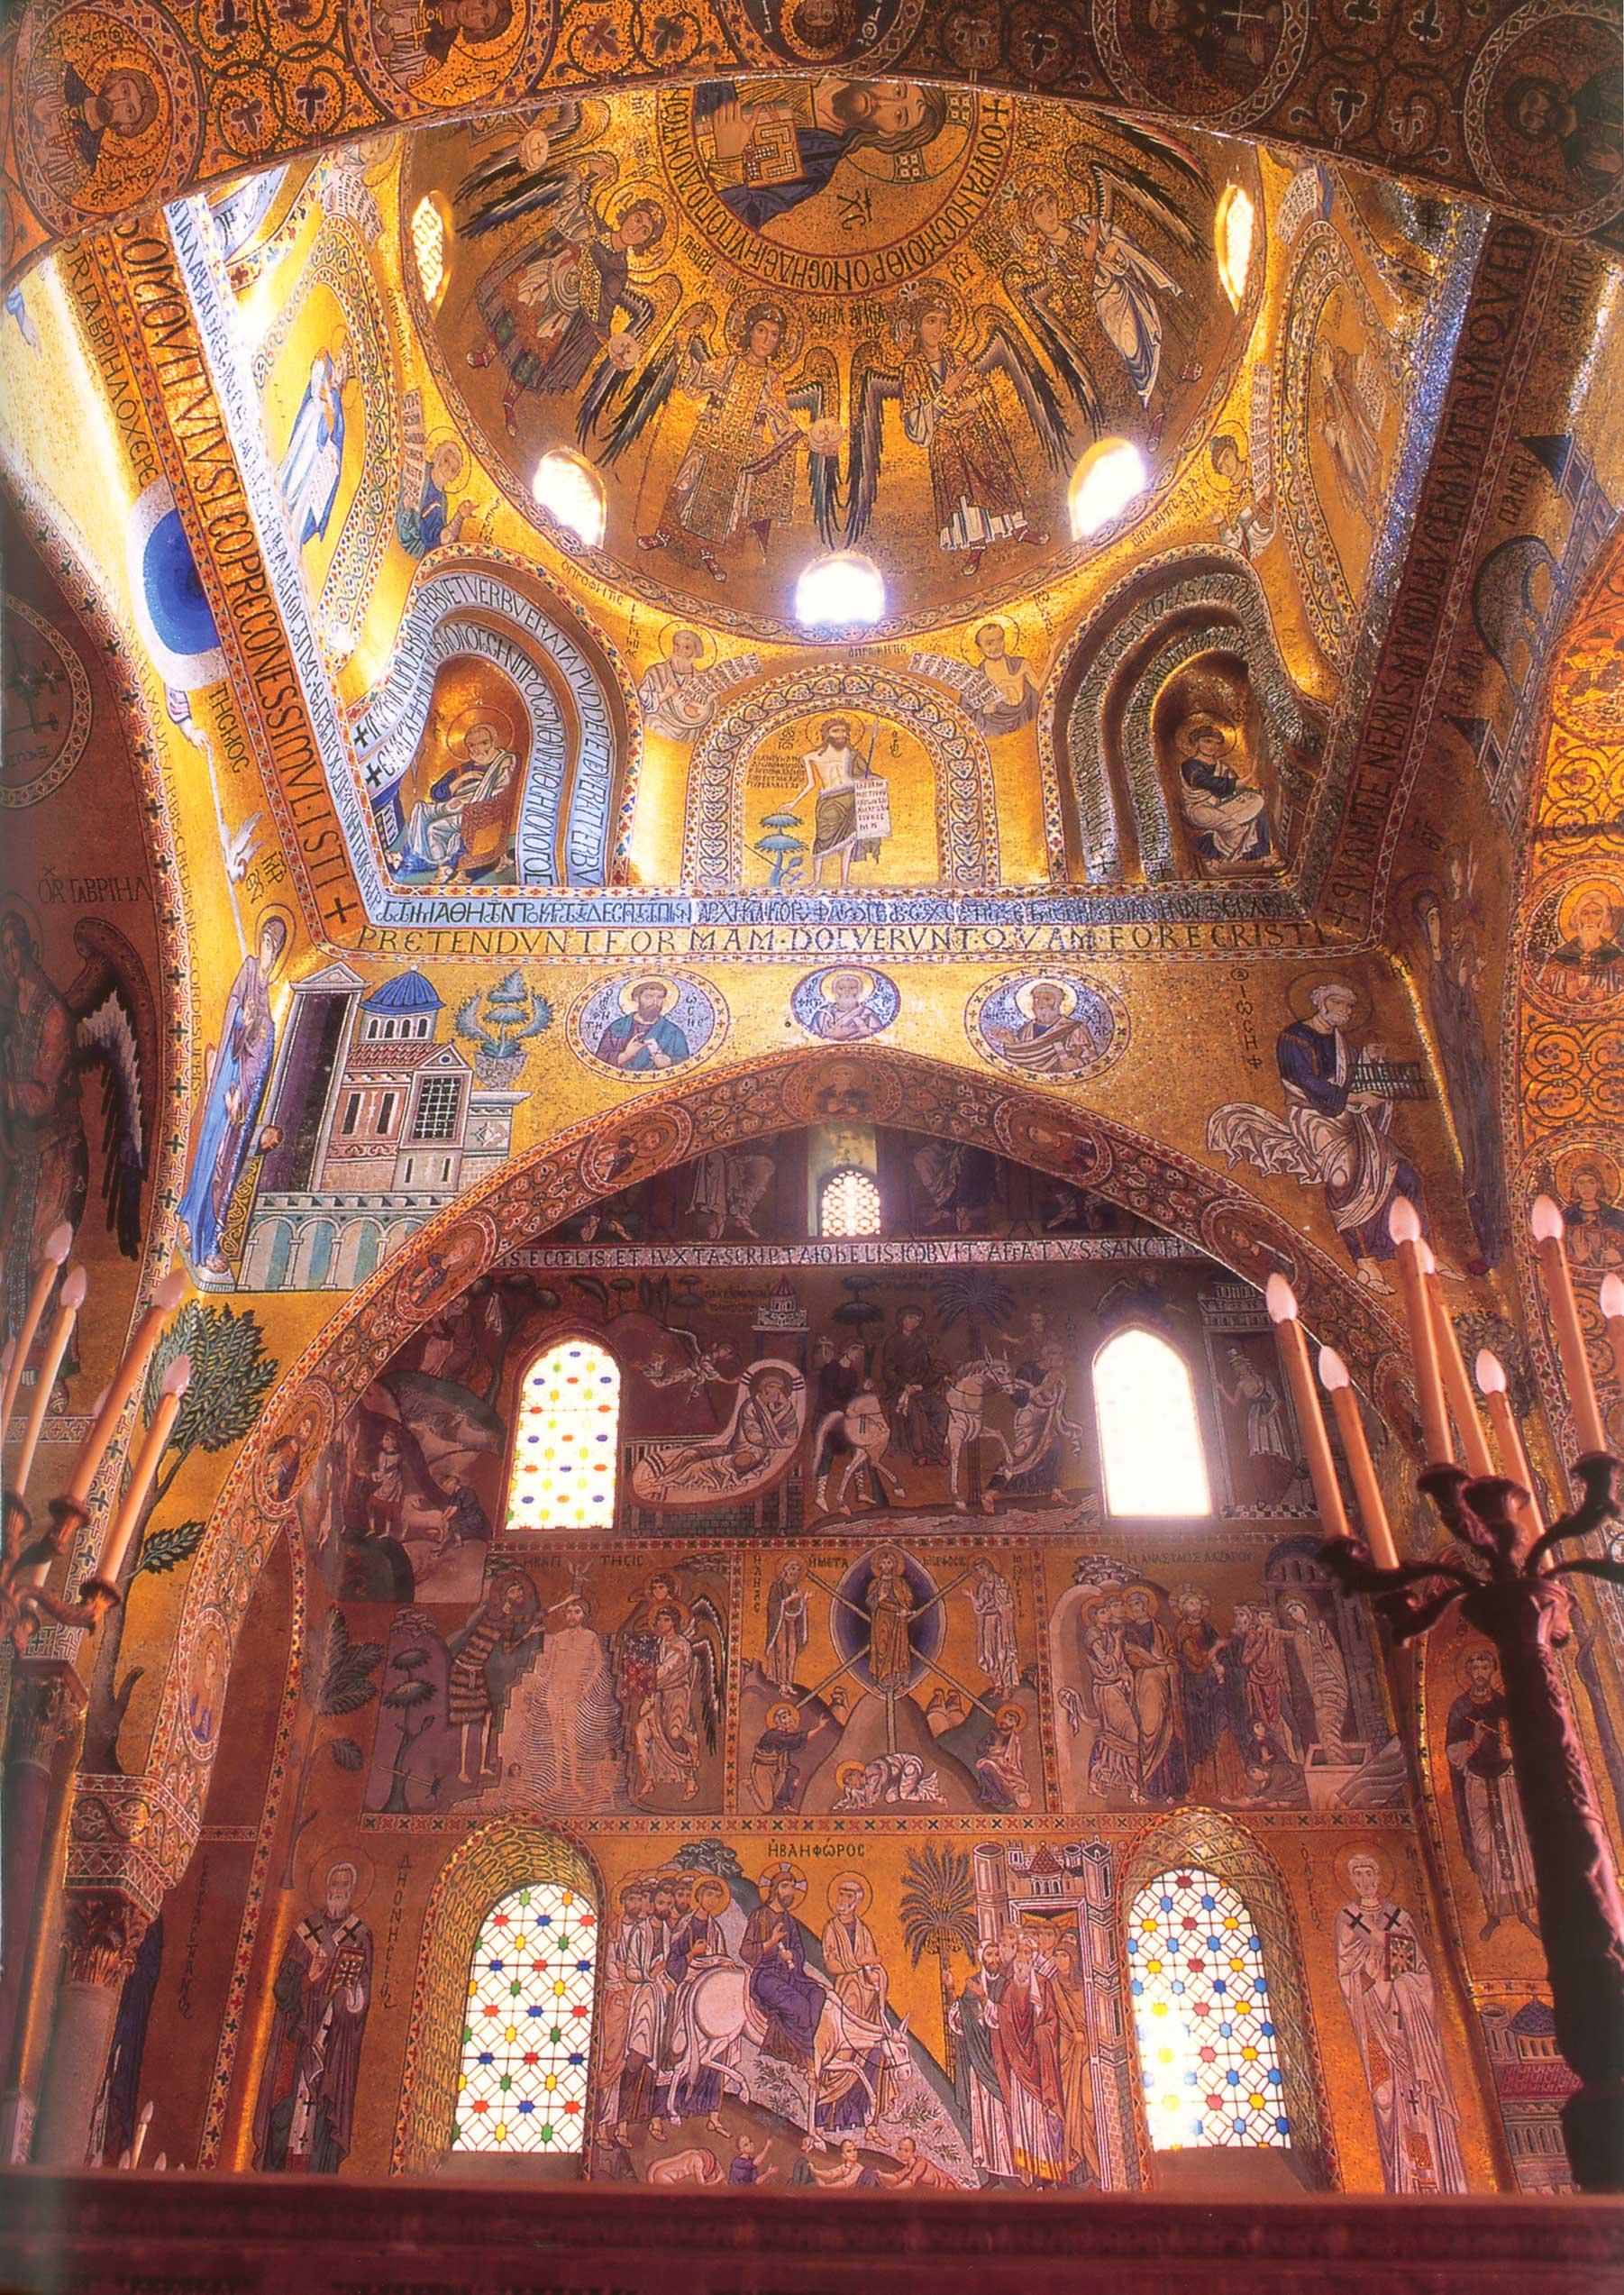 South wall mosaics